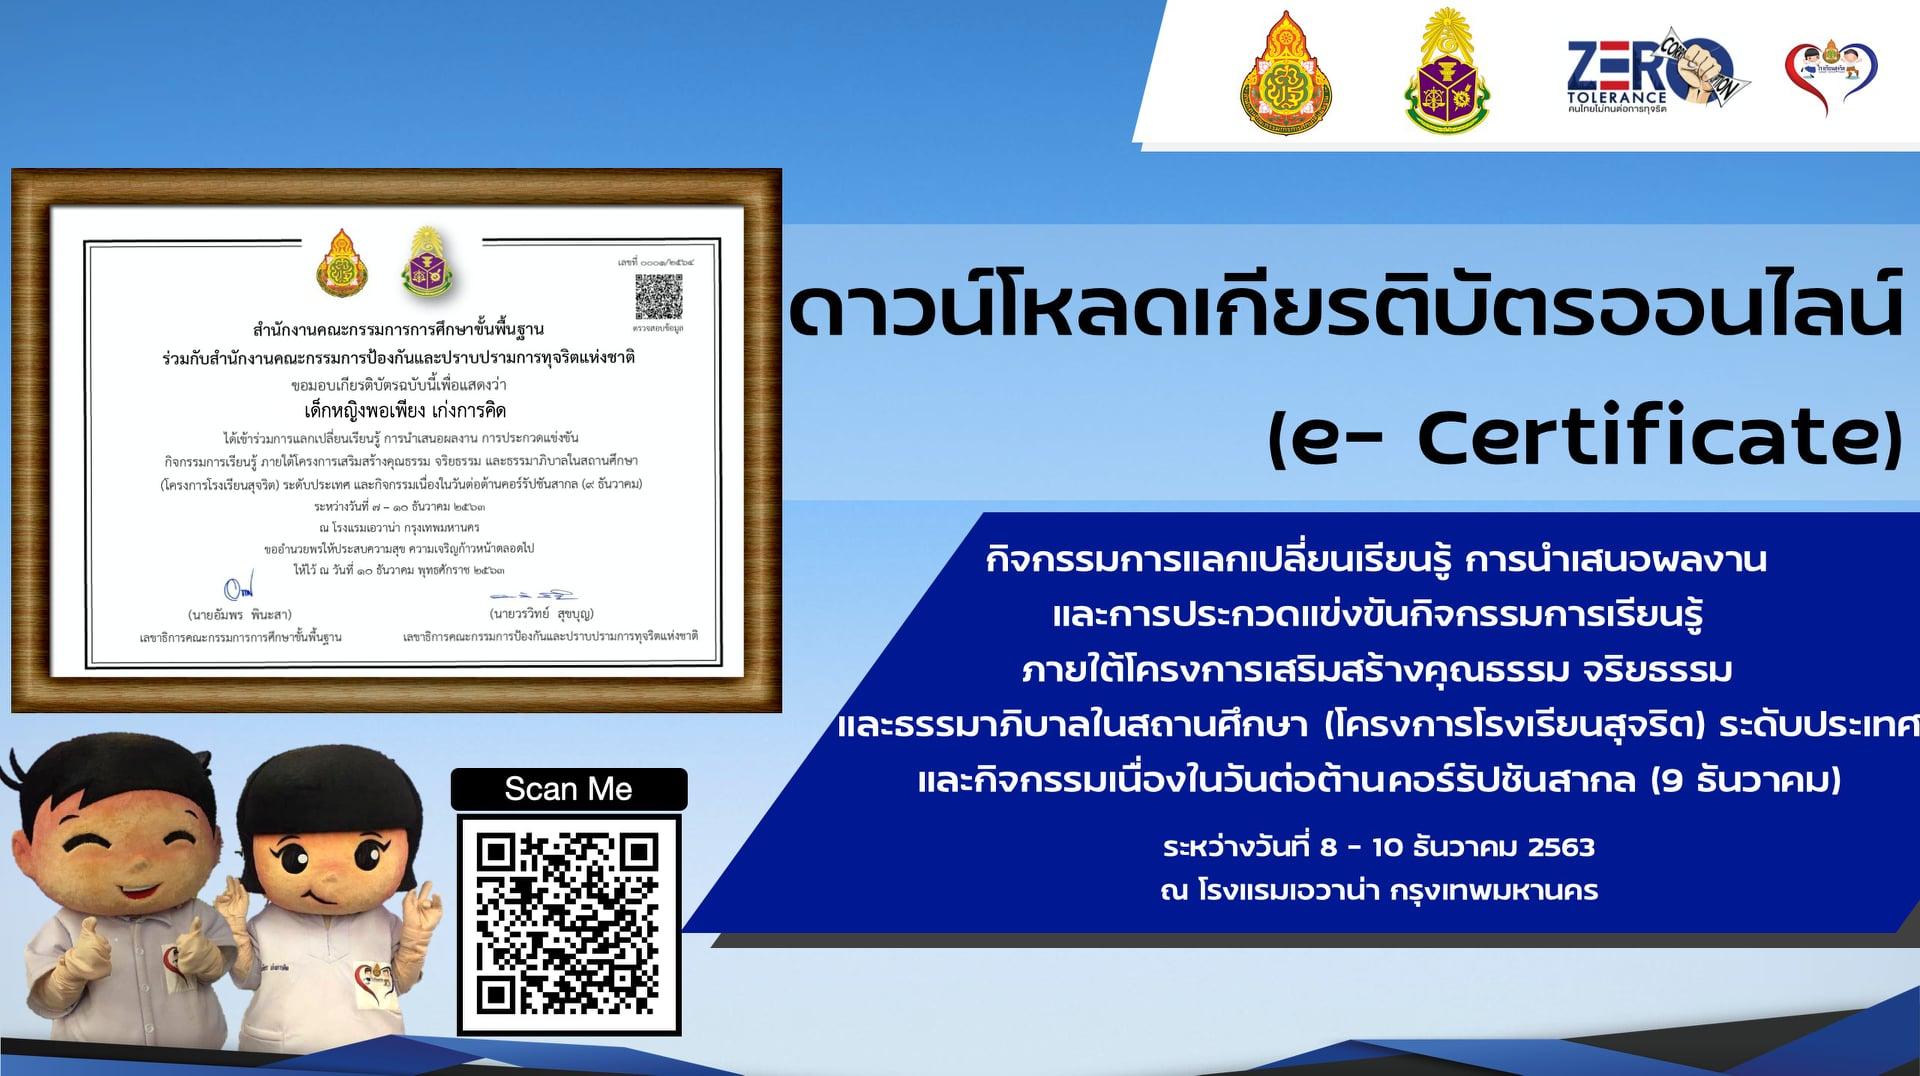 ดาวน์โหลดเกียรติบัตรออนไลน์ (e- Certificate) กิจกรรมการแลกเปลี่ยนเรียนรู้ โครงการโรงเรียนสุจริต ระดับประเทศ 8 – 10 ธันวาคม 2563